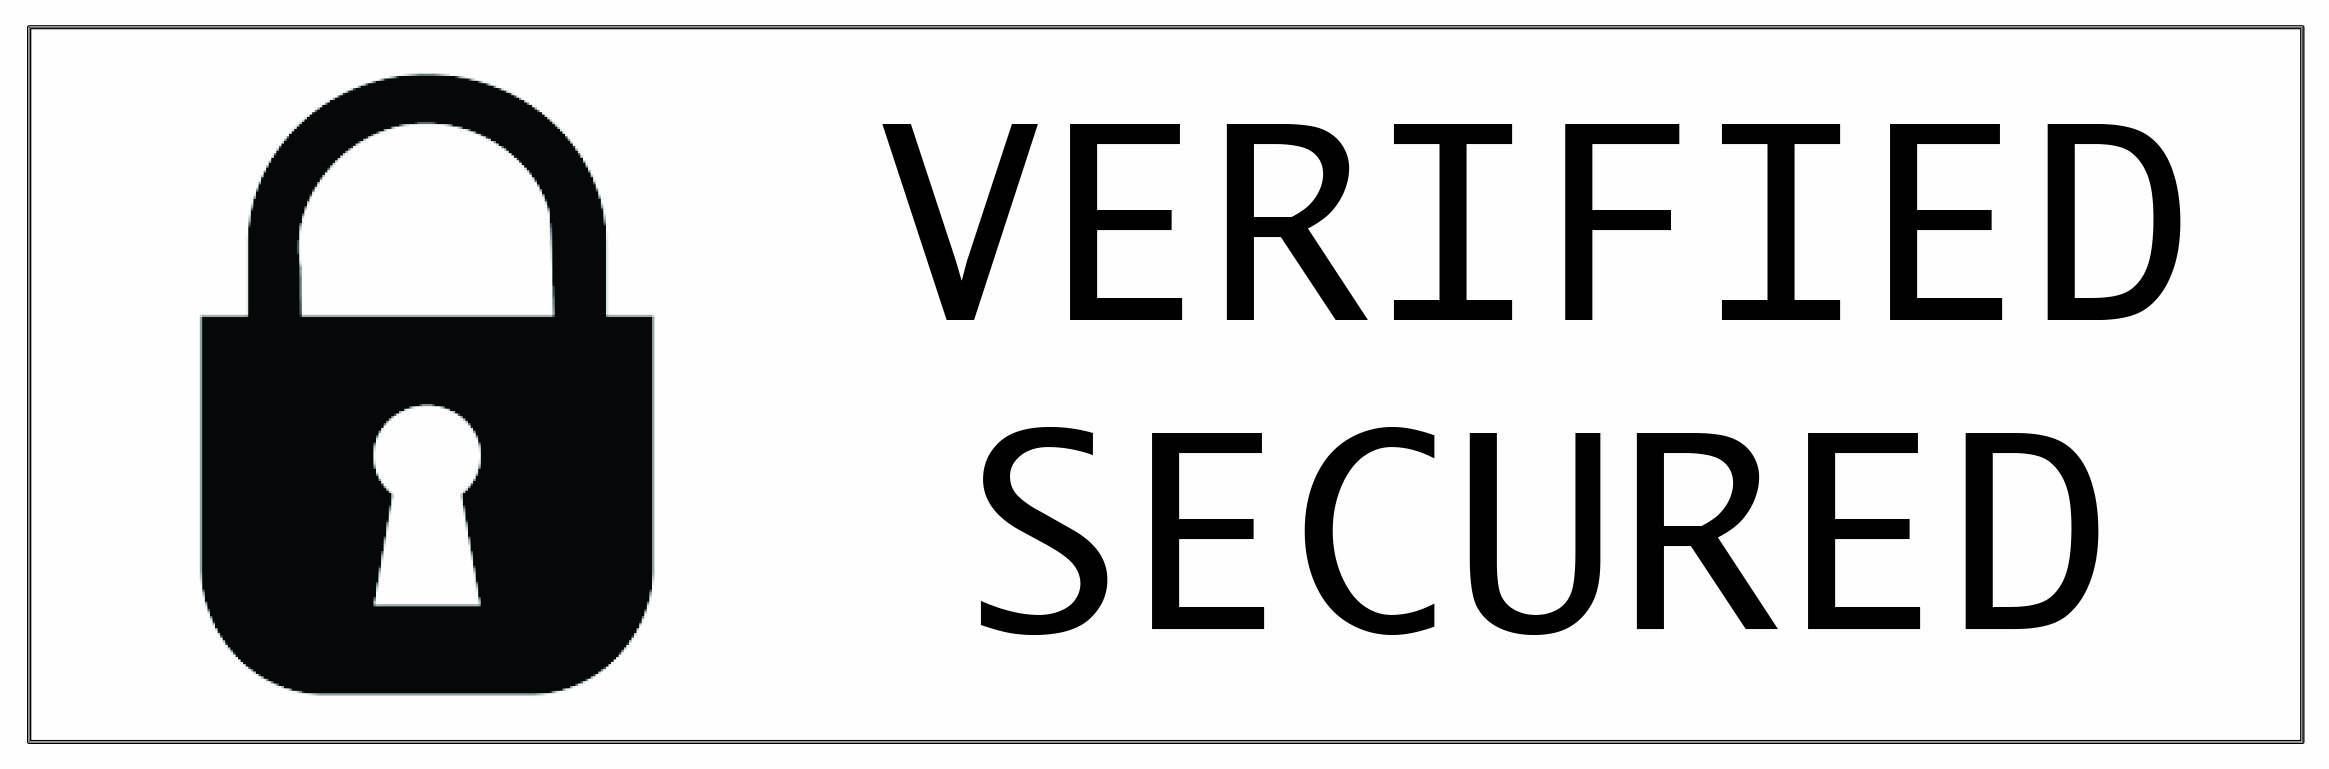 Verified Secured.jpg